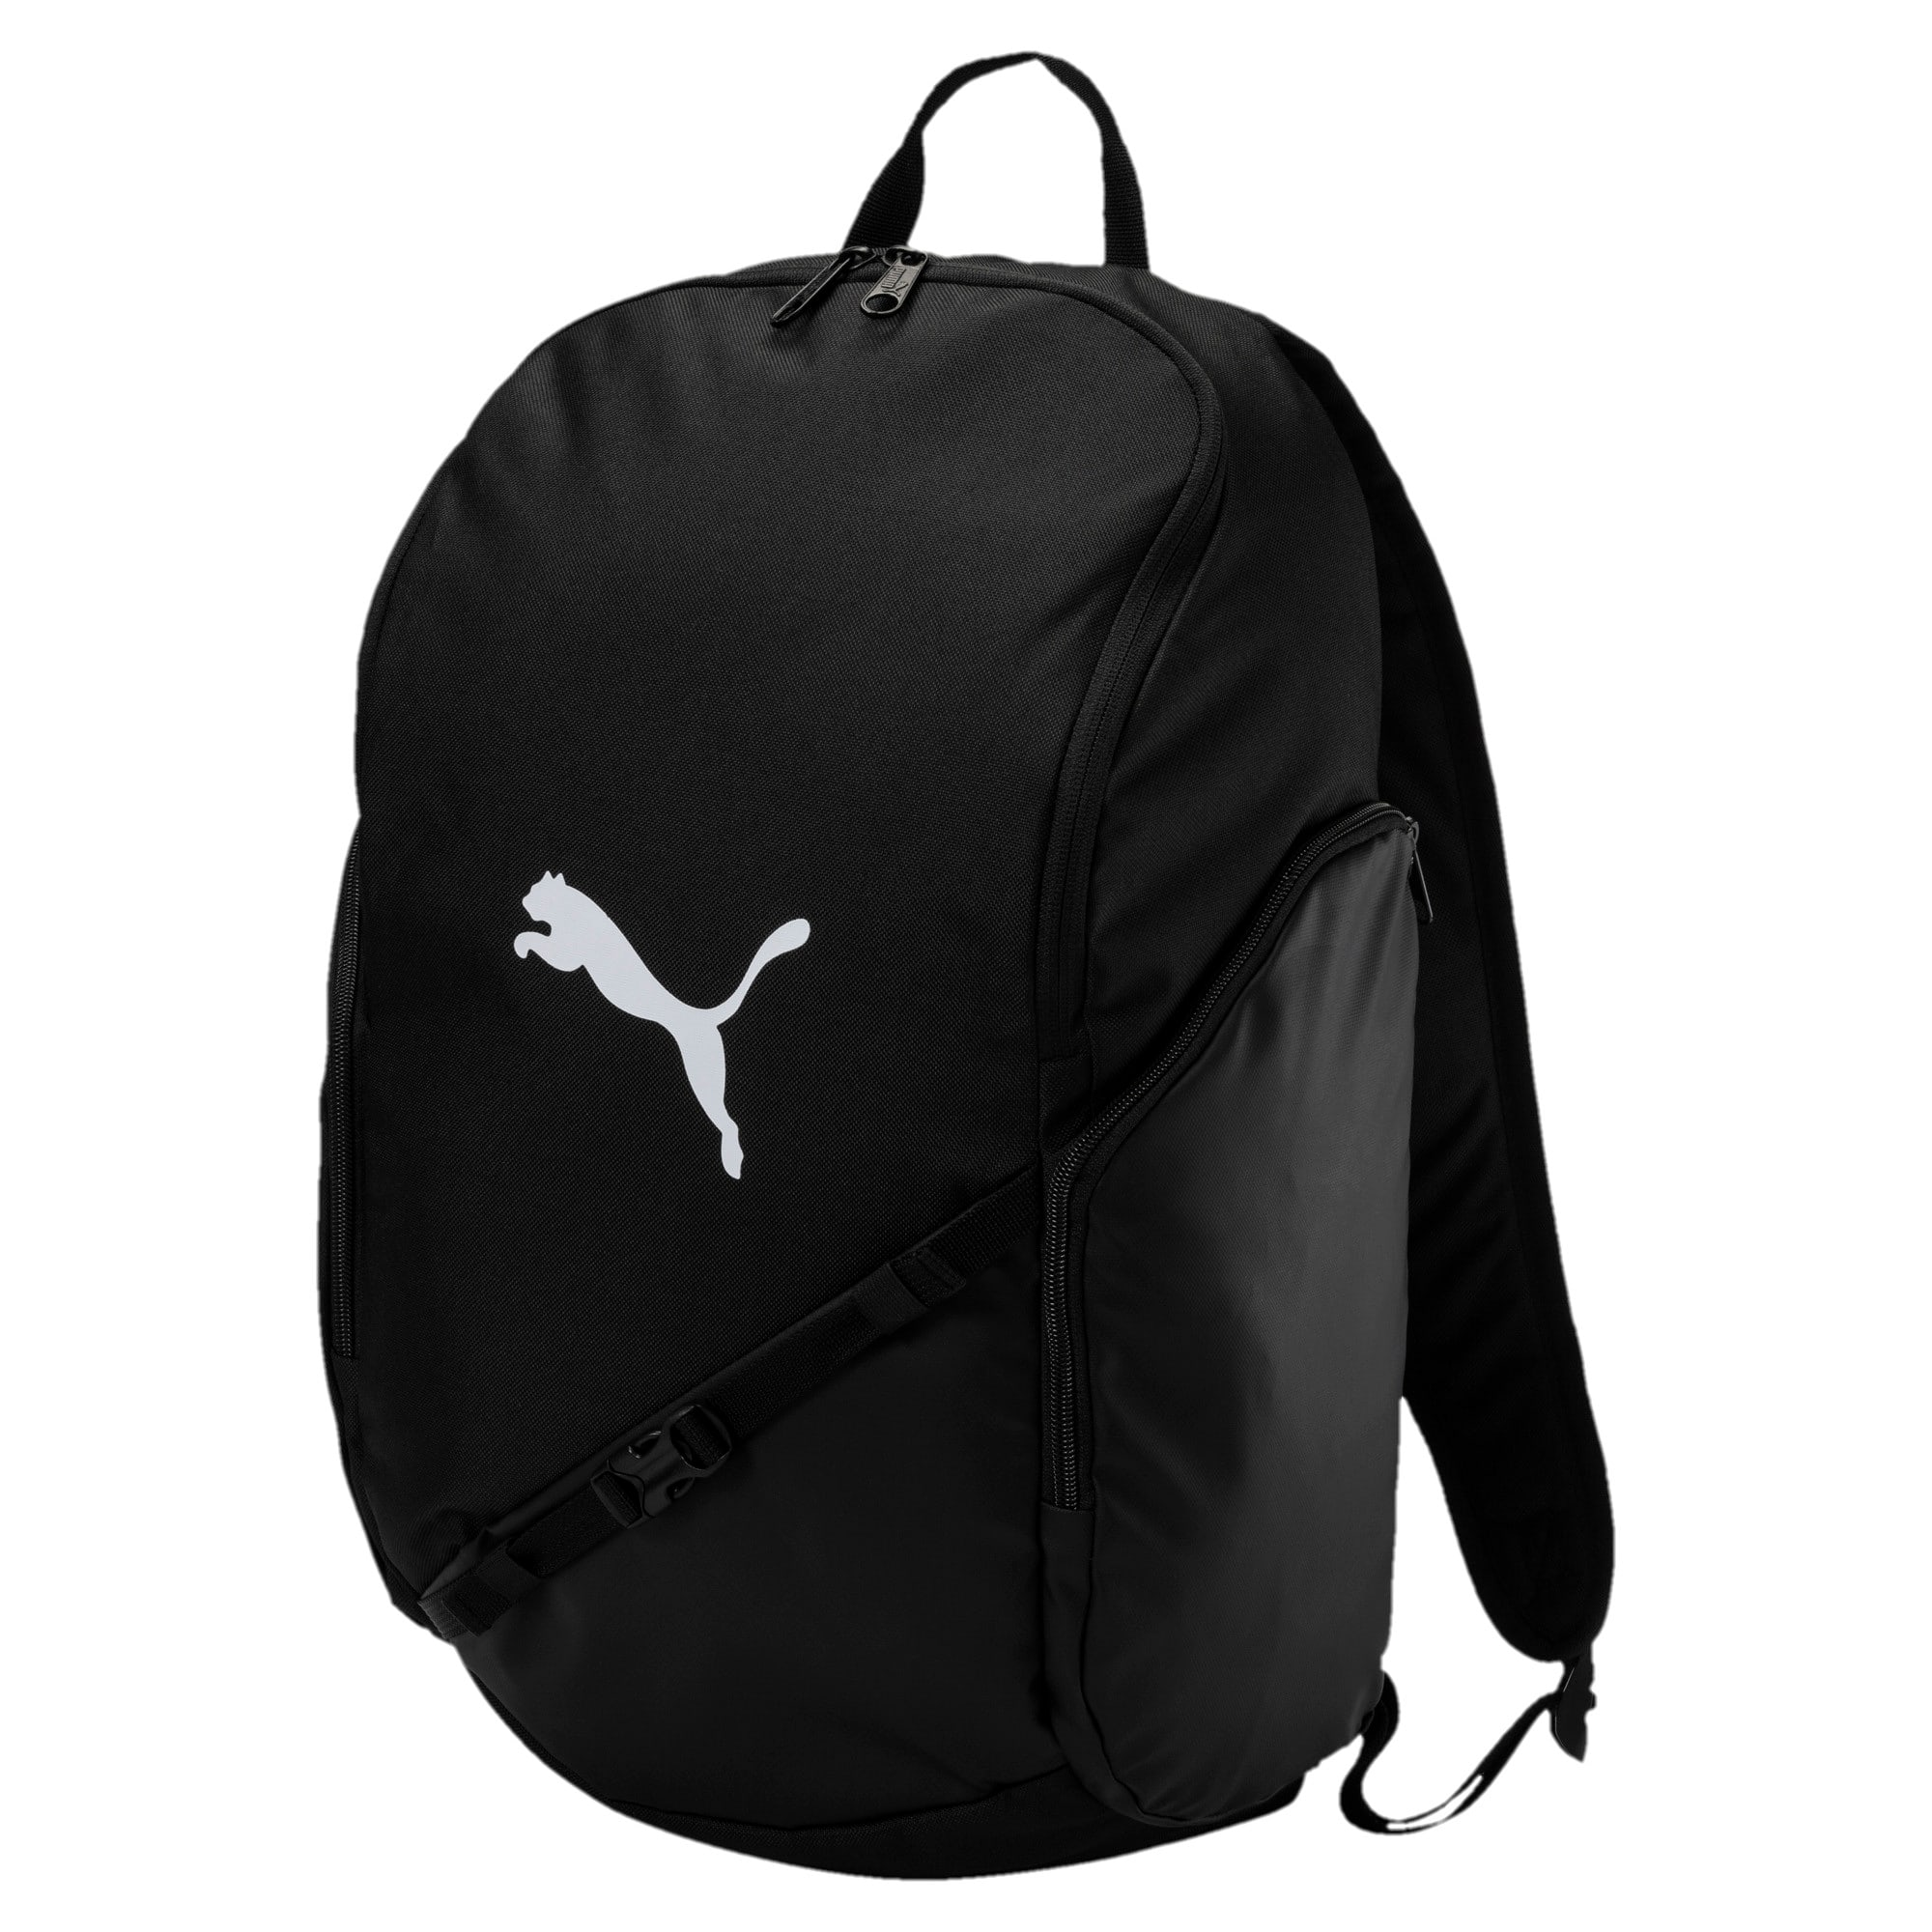 Thumbnail 1 of Liga Backpack, Puma Black, medium